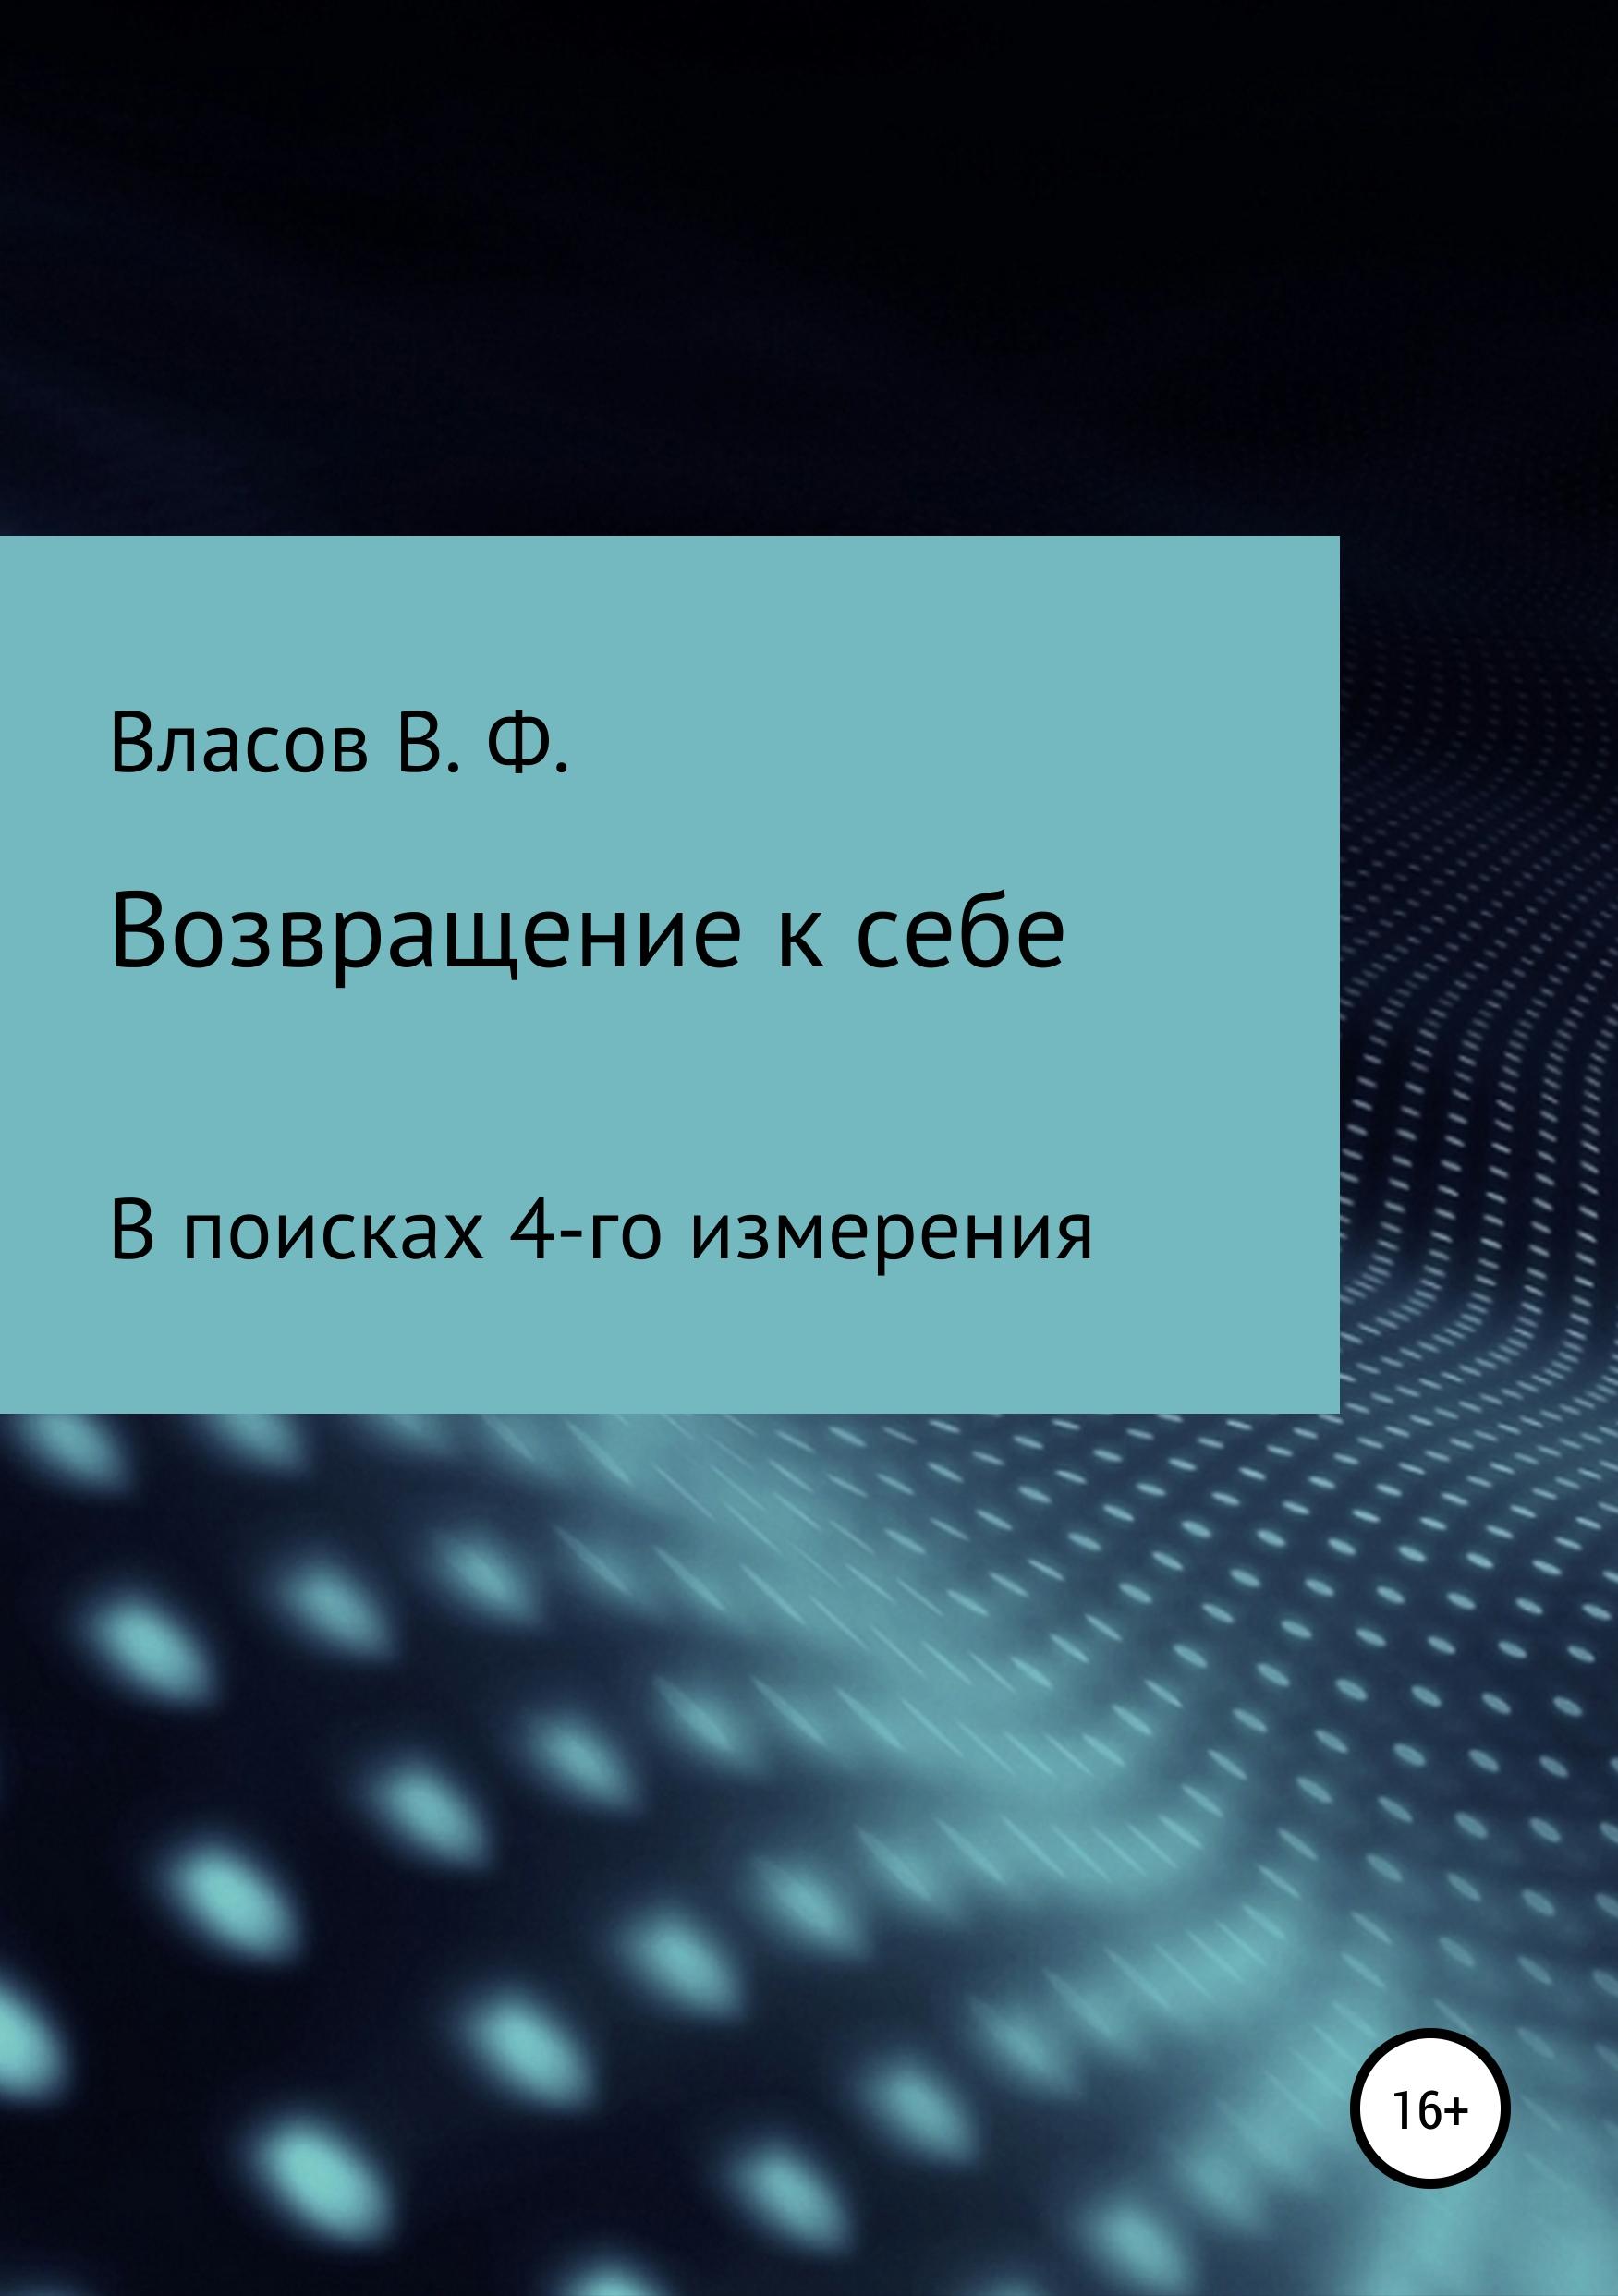 Владимир Фёдорович Власов Возвращение к себе владимир фёдорович власов будда и моисей